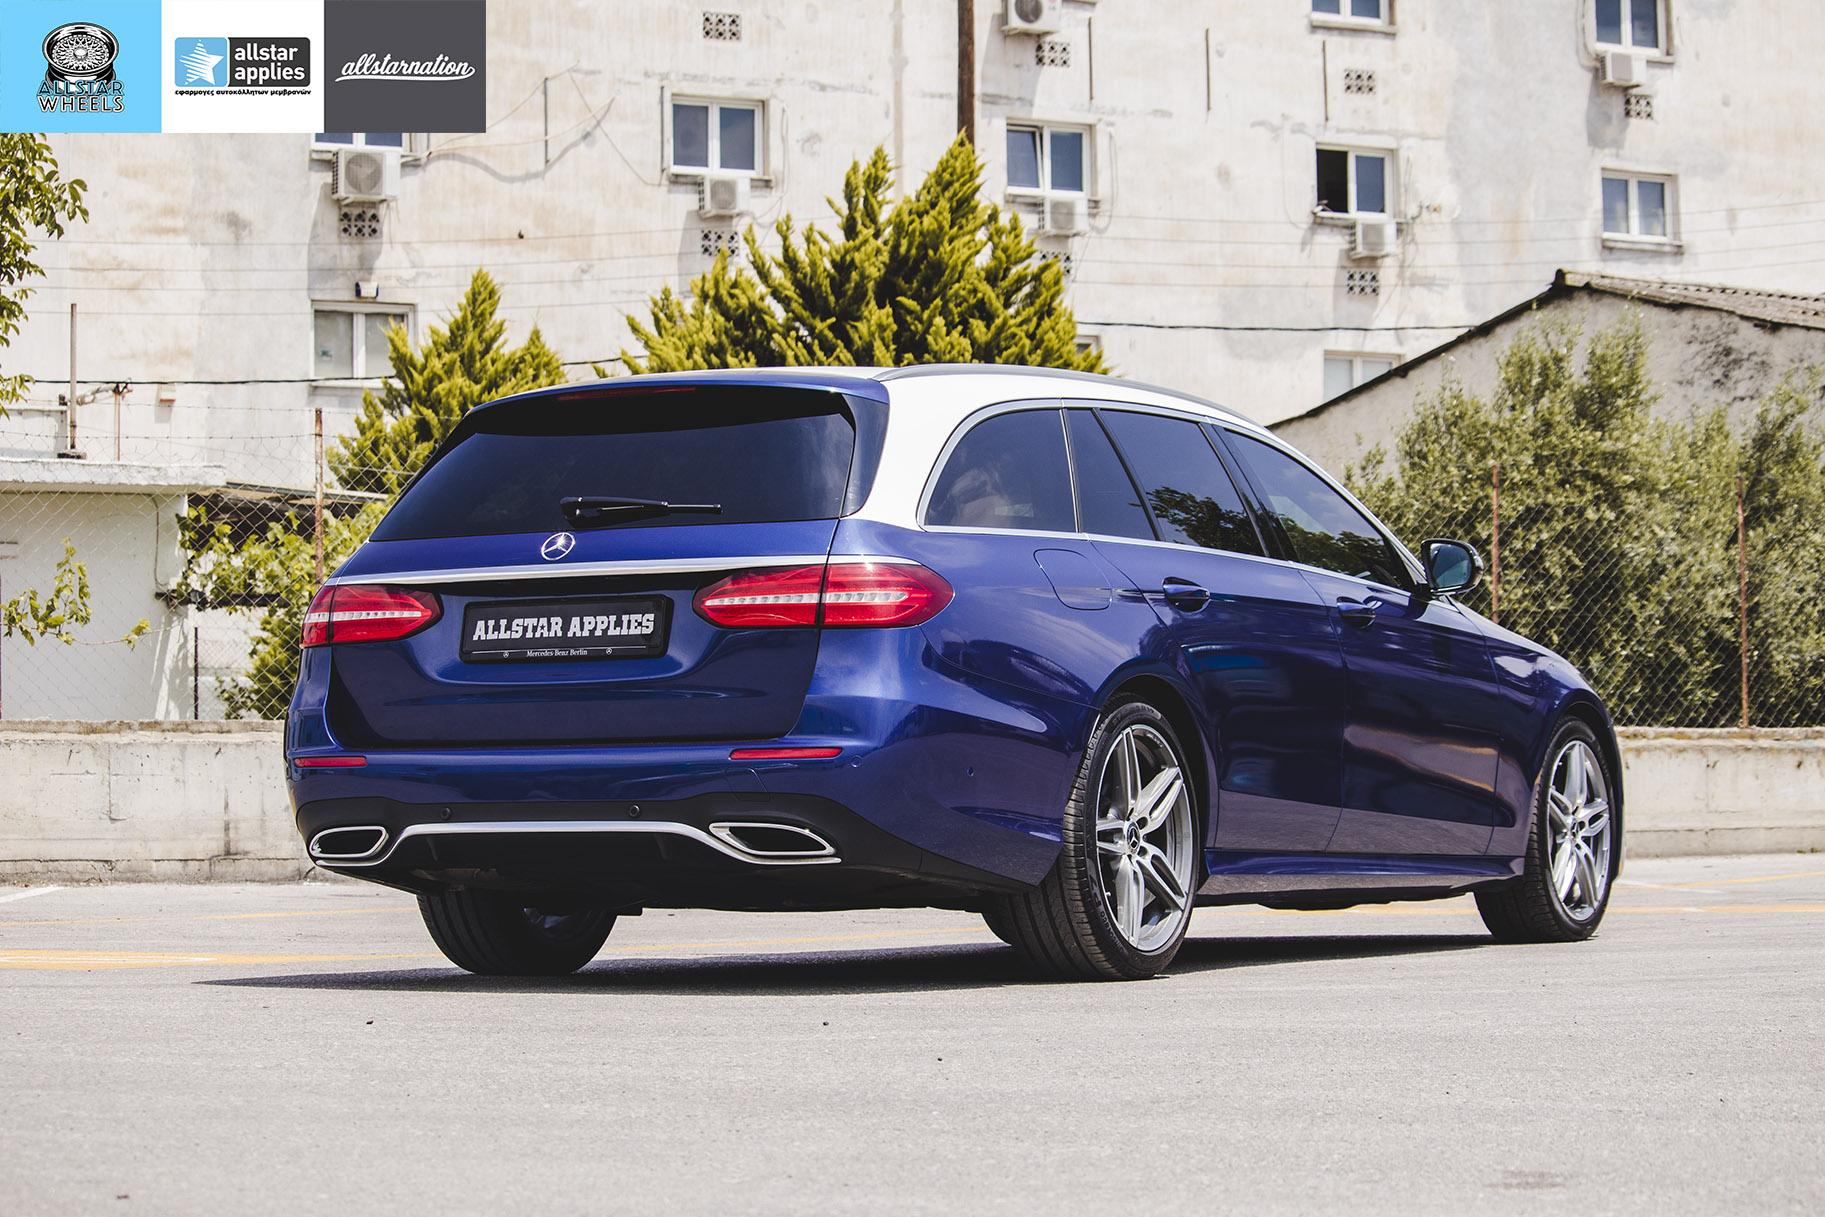 Μεμβράνη αλλαγής χρώματος σε Mecedes Benz E Class AMG | Allstar Applies | Θεσσαλονίκη